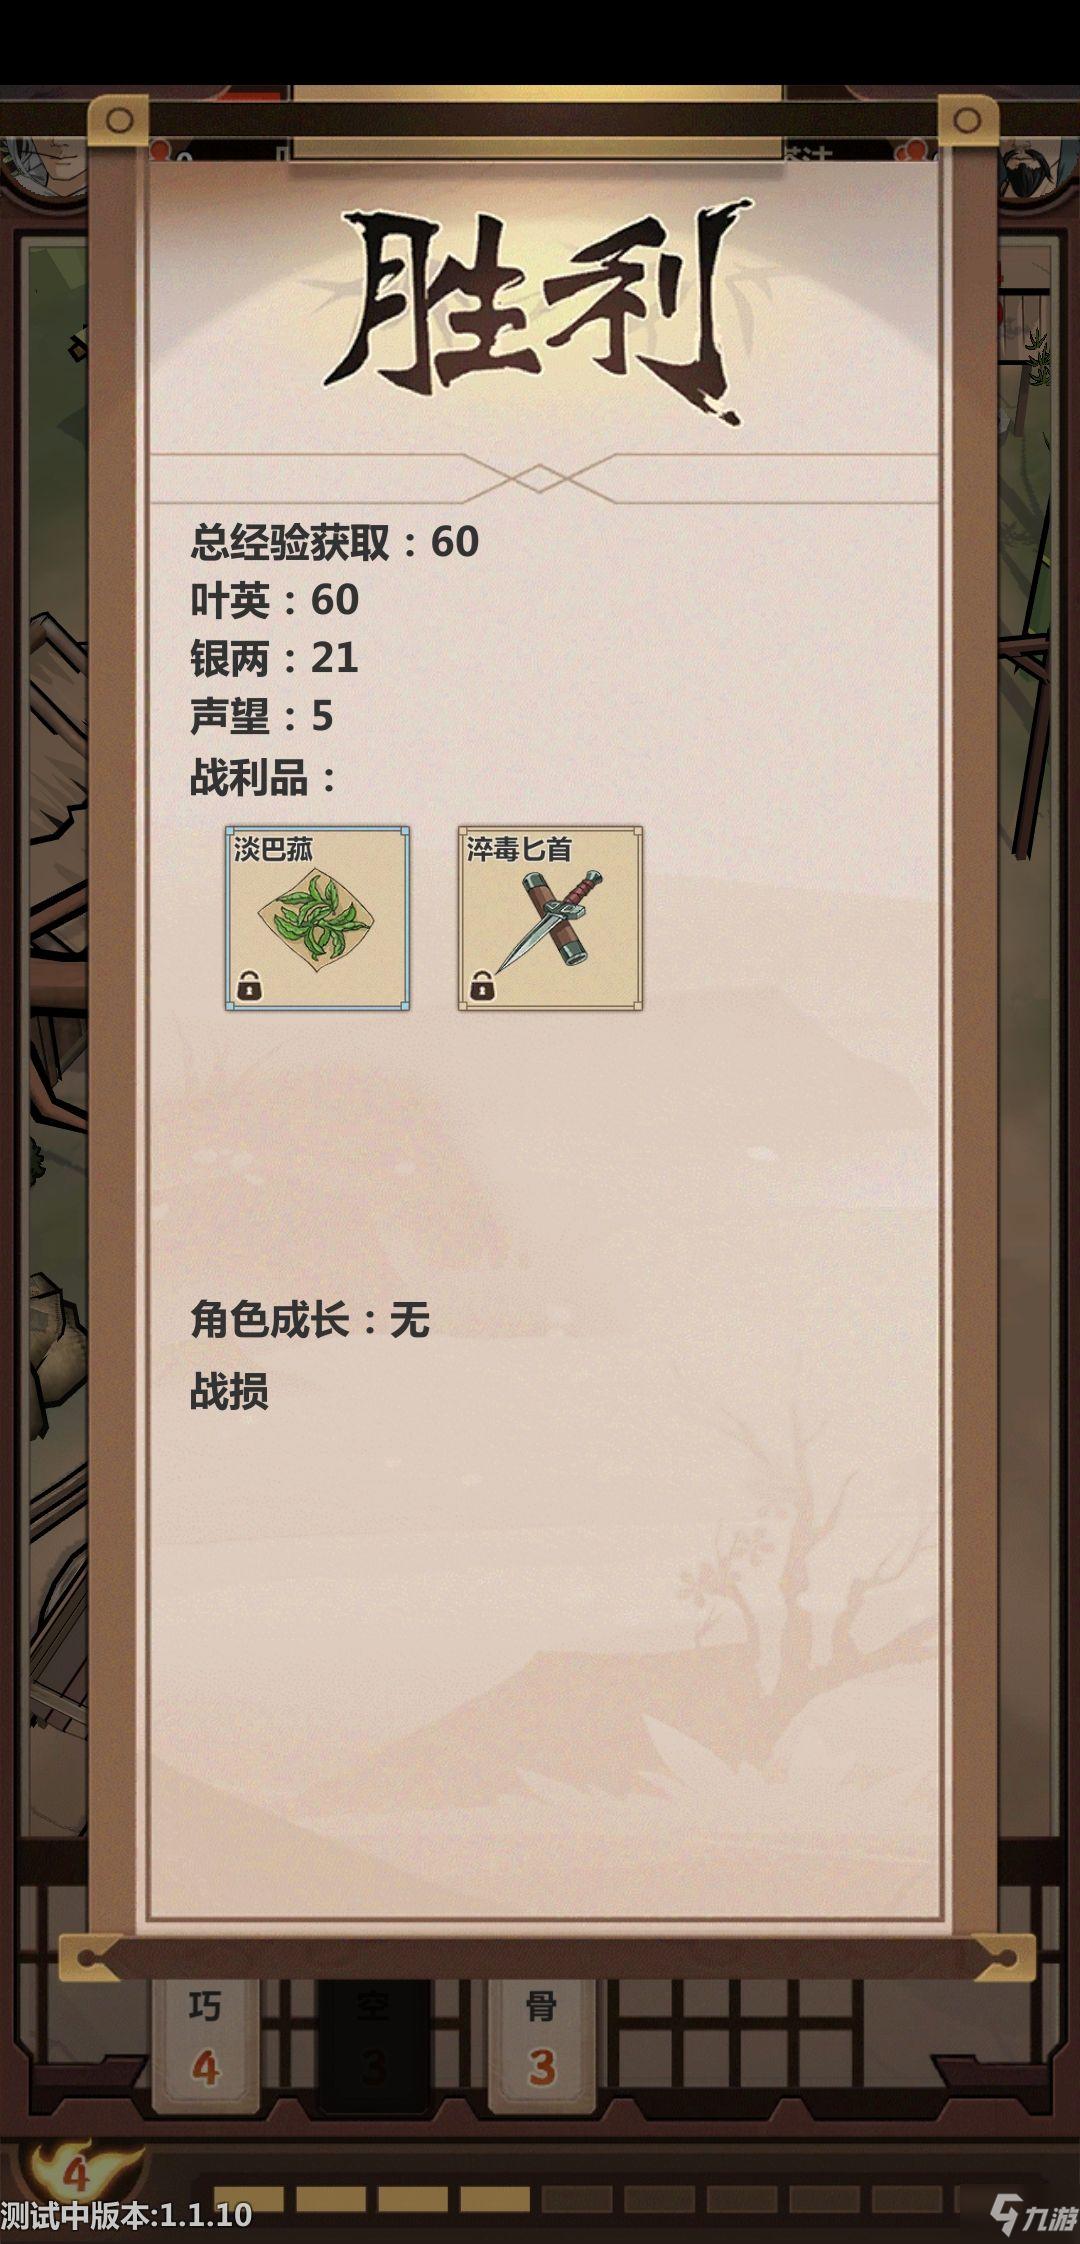 《模拟江湖》合欢派怎么样 合欢派入门玩法攻略